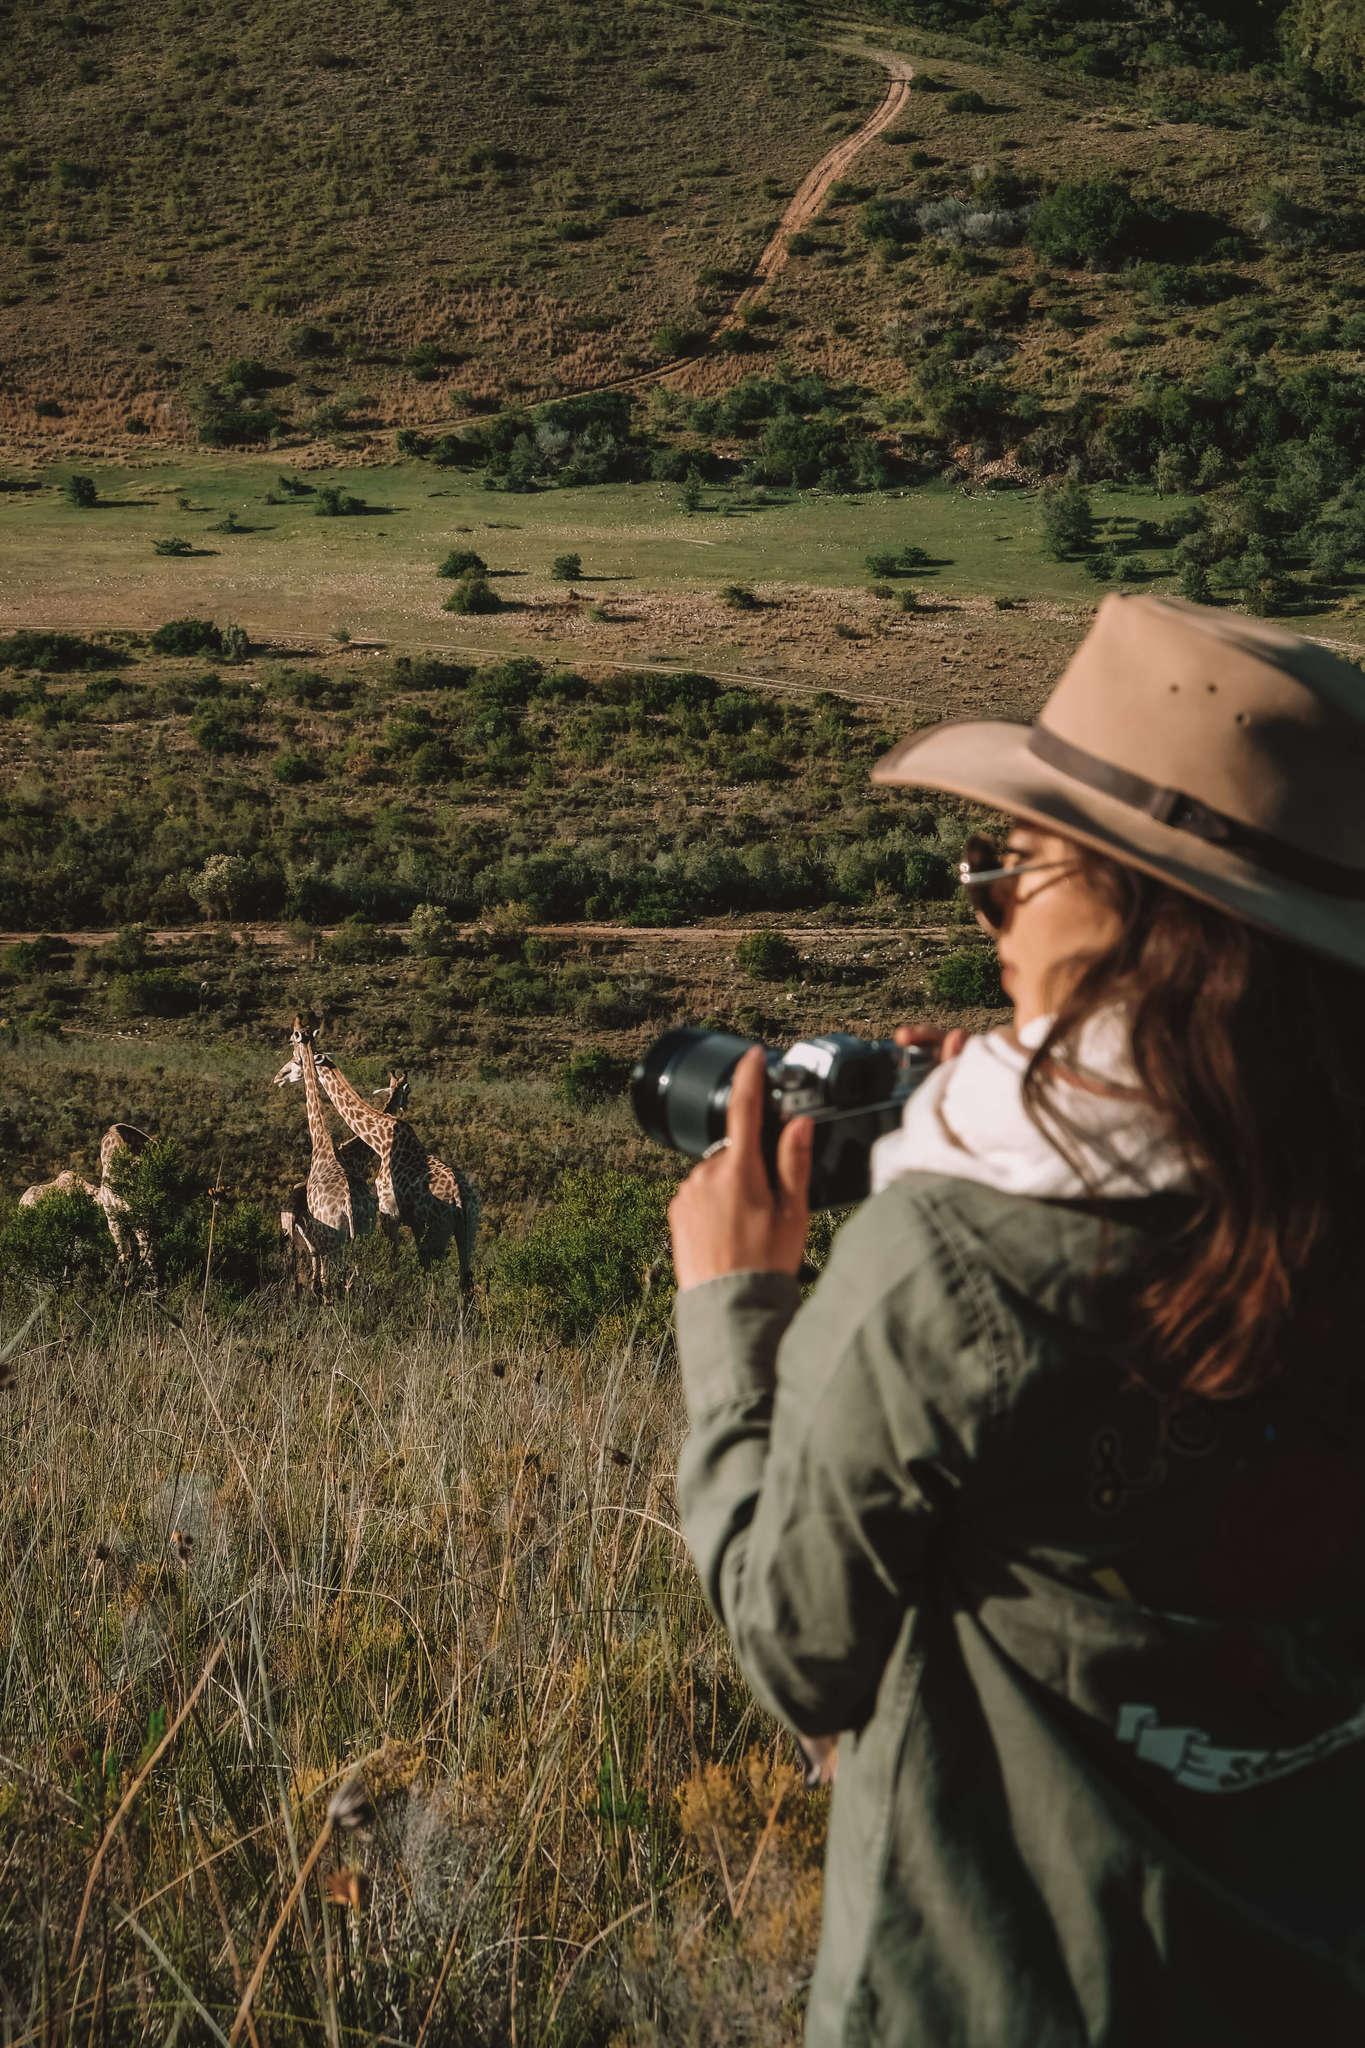 Shooting safari with Fujifilm